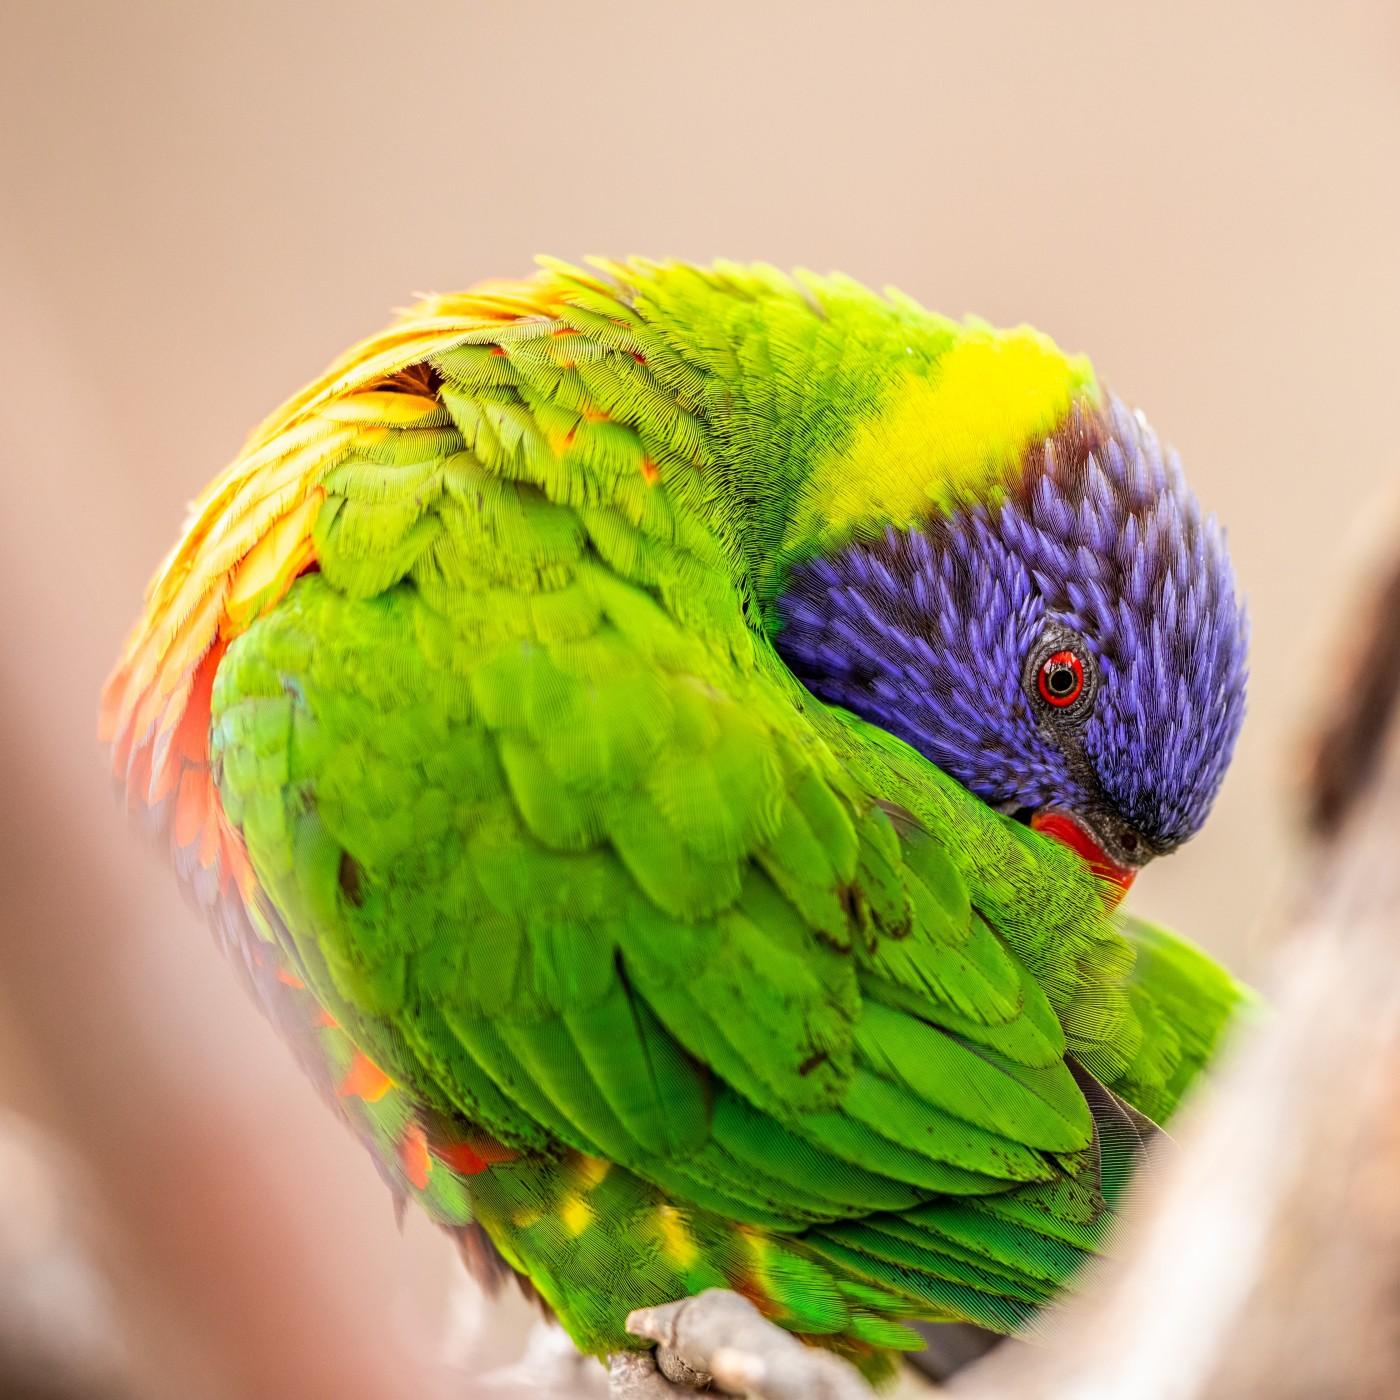 整理羽毛的绿毛鹦鹉封面大图